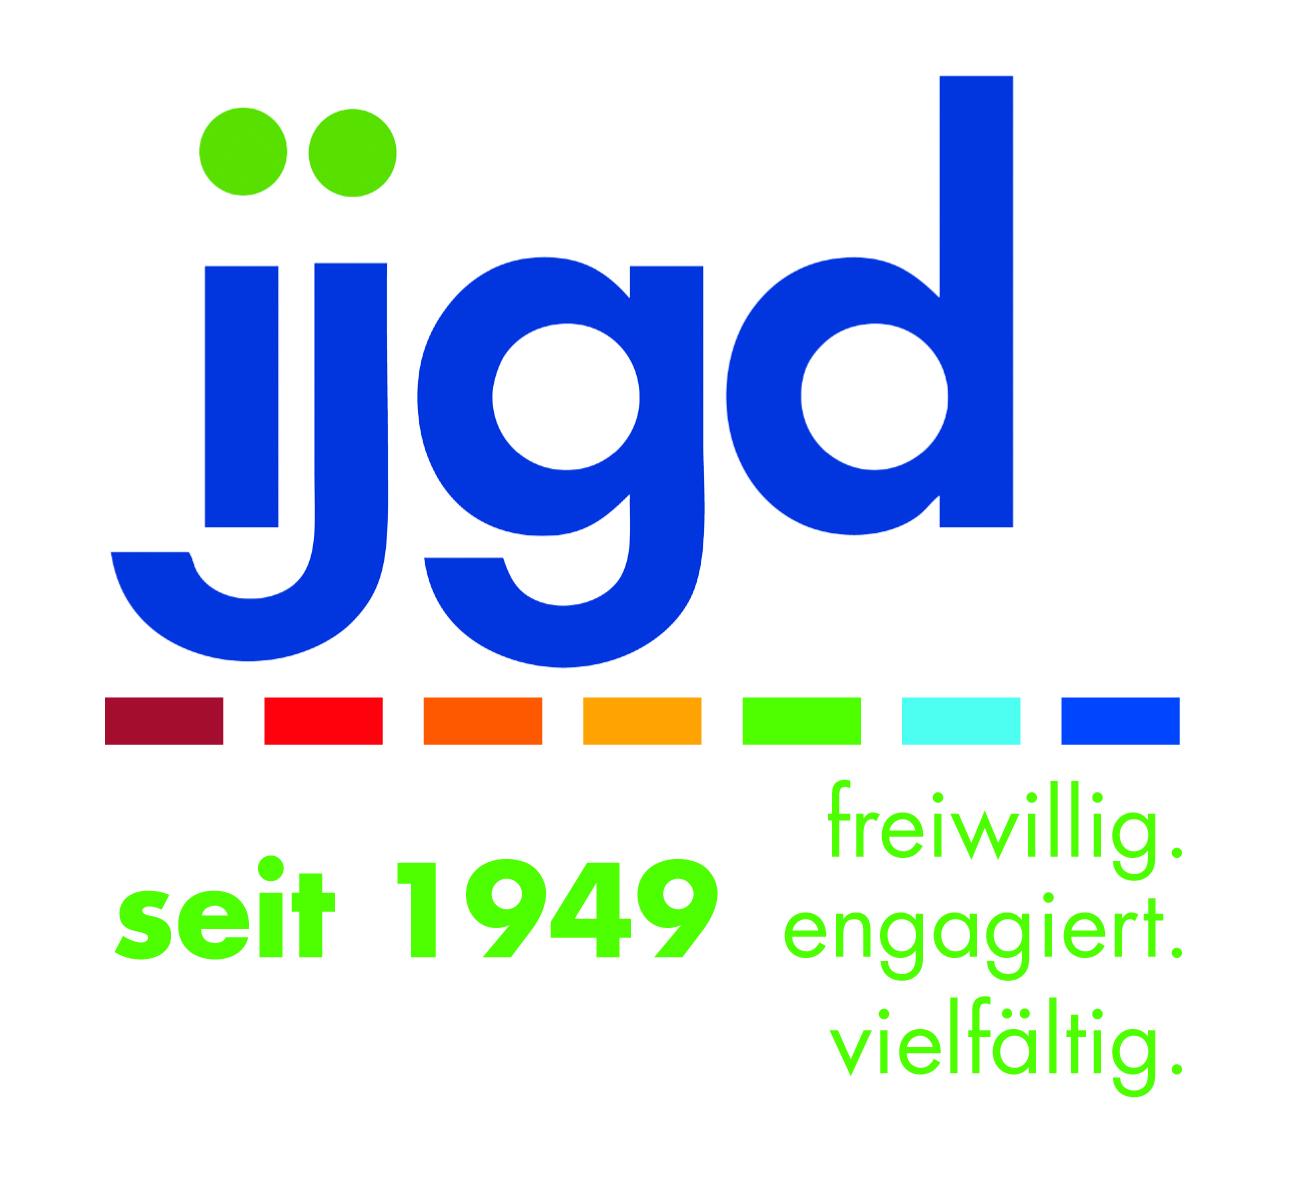 Internationale Jugendgemeinschaftsdienste (ijgd)